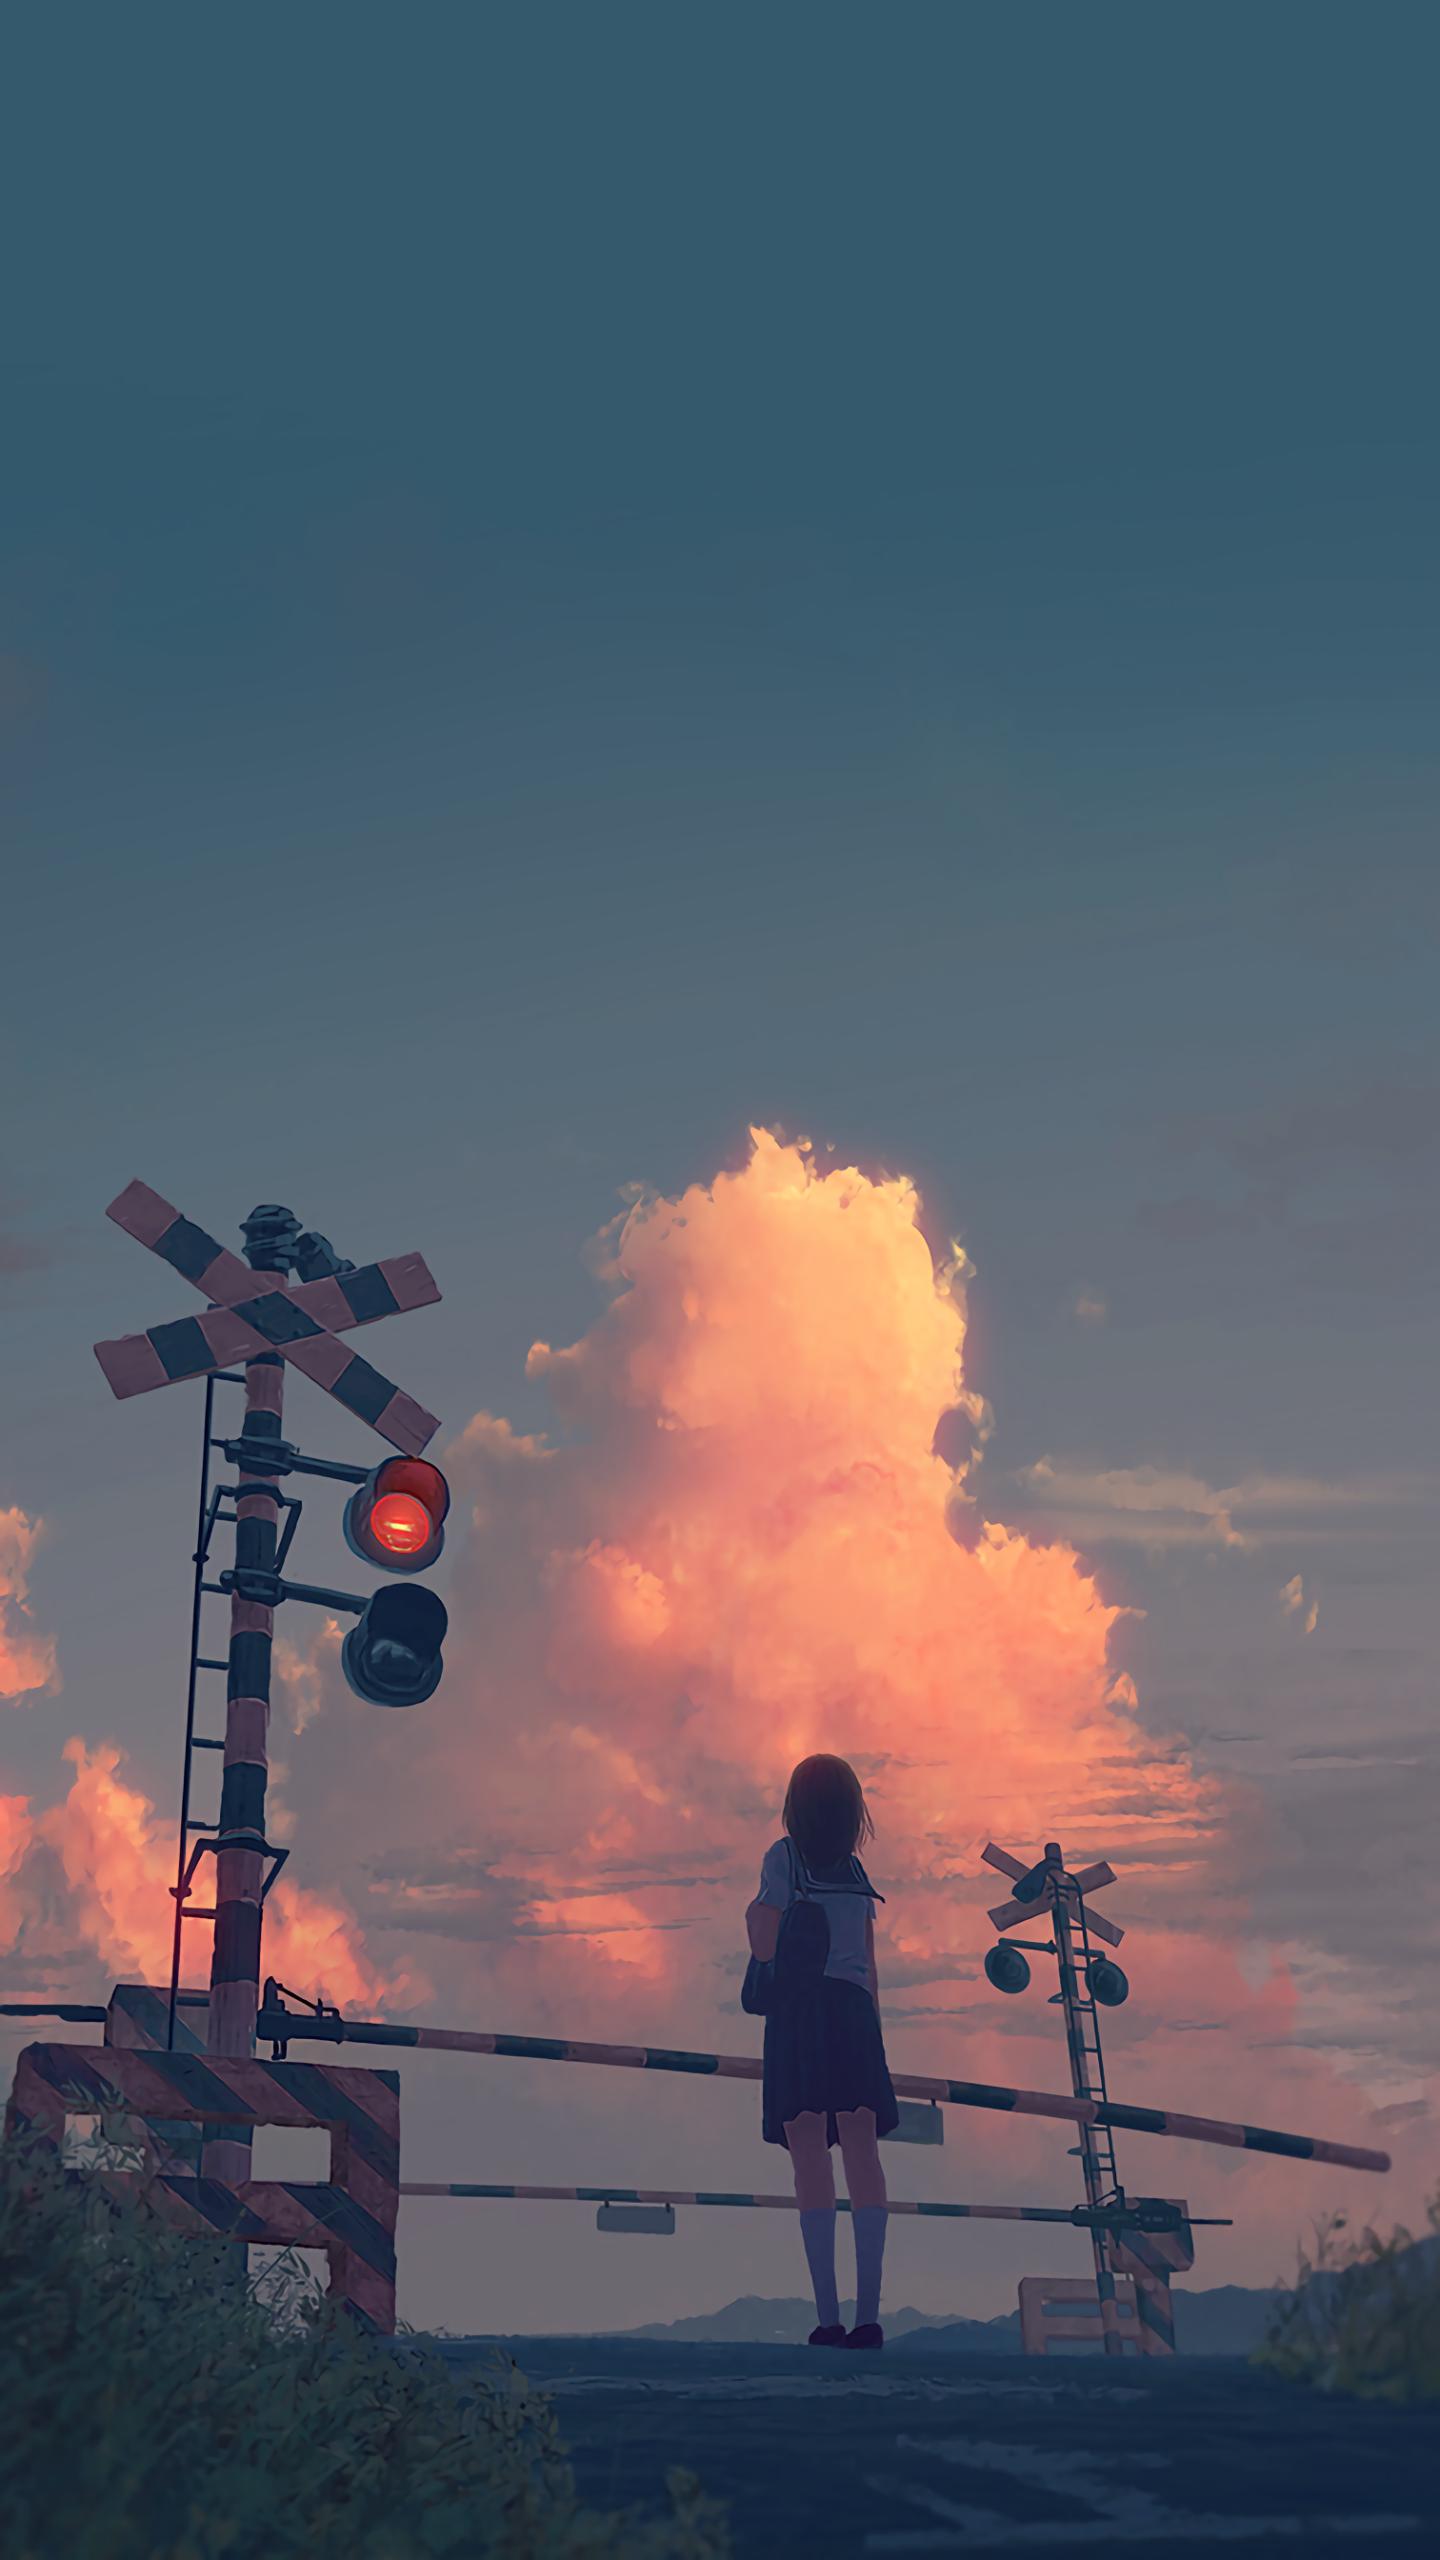 Pin Oleh Ash Di Gamersky Wallpaper Pemandangan Anime Pemandangan Ilustrasi Alam